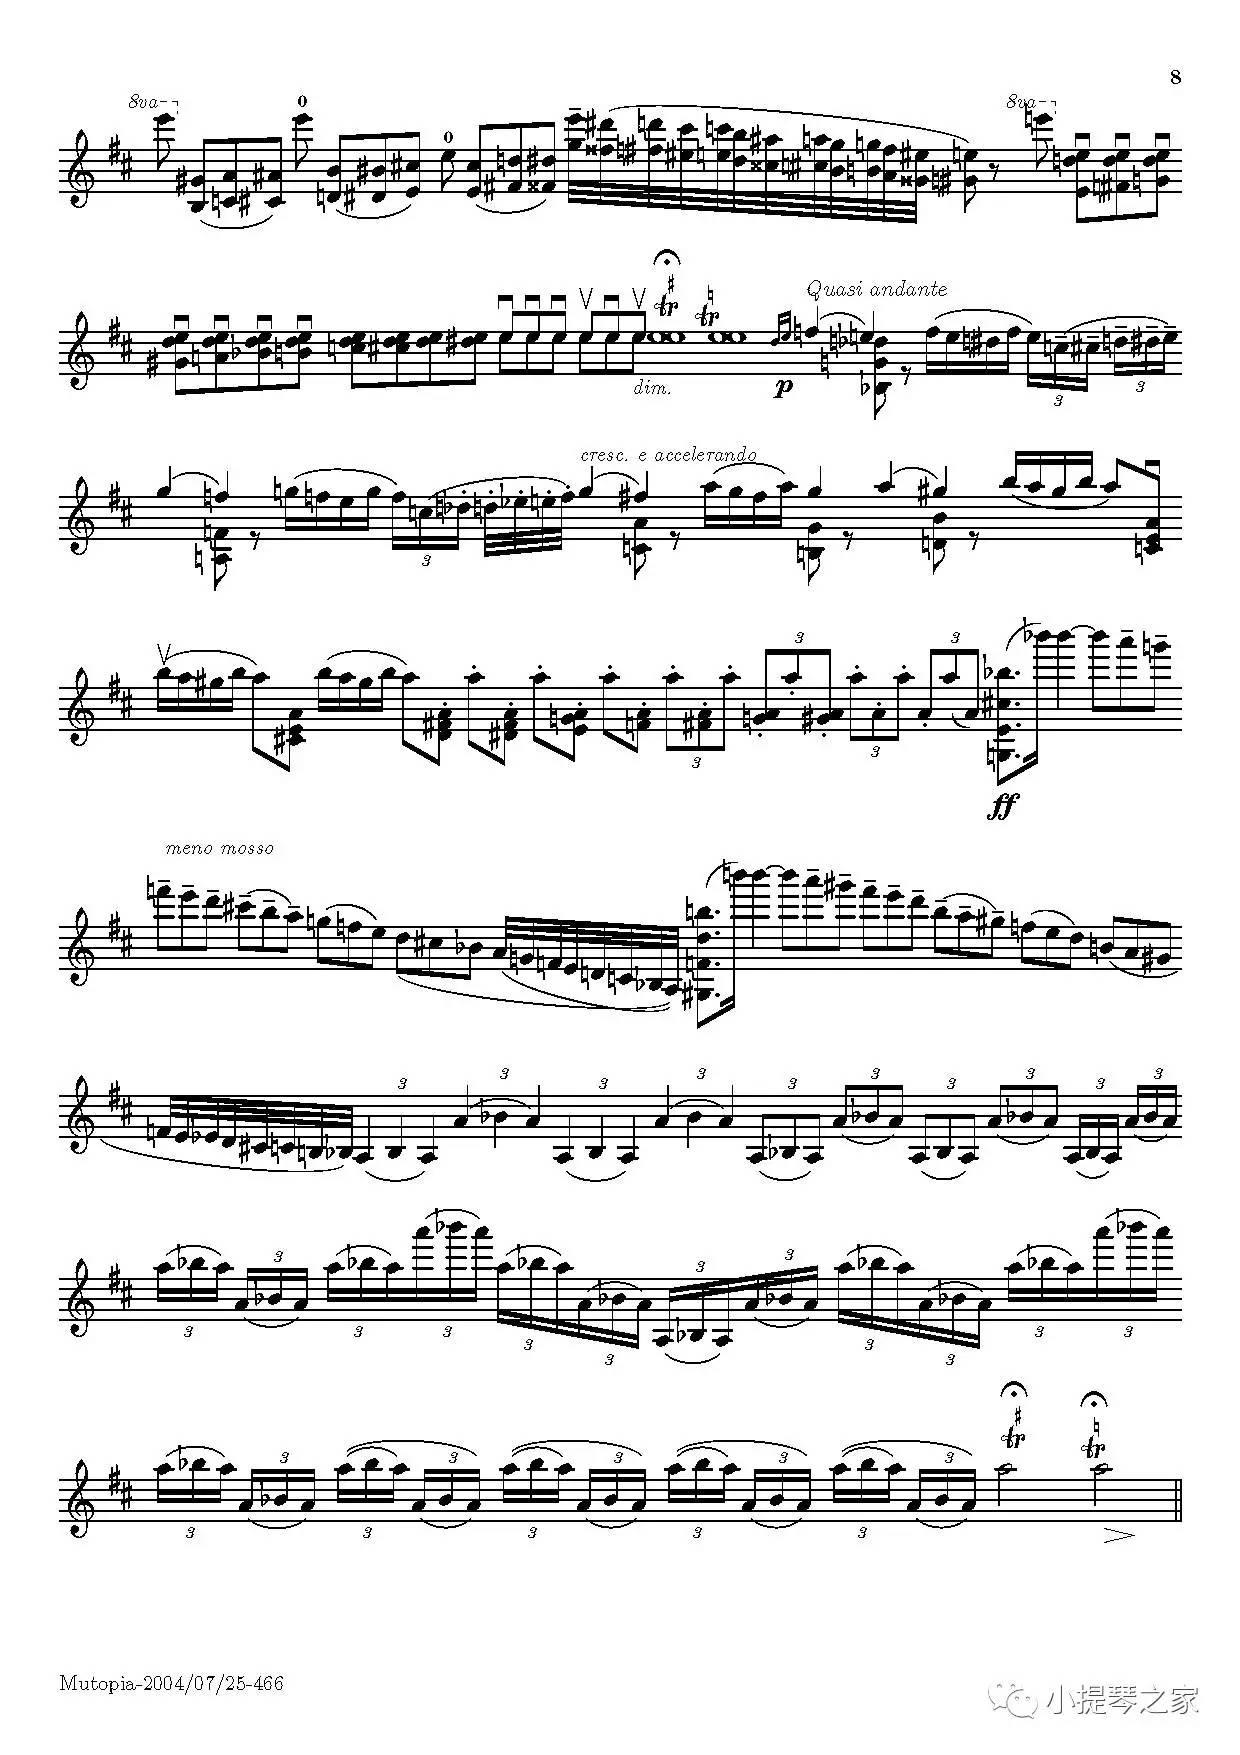 柴可夫斯基D大调小提琴协奏曲 附小提琴谱 柴可夫斯基曲,帕尔曼 穆